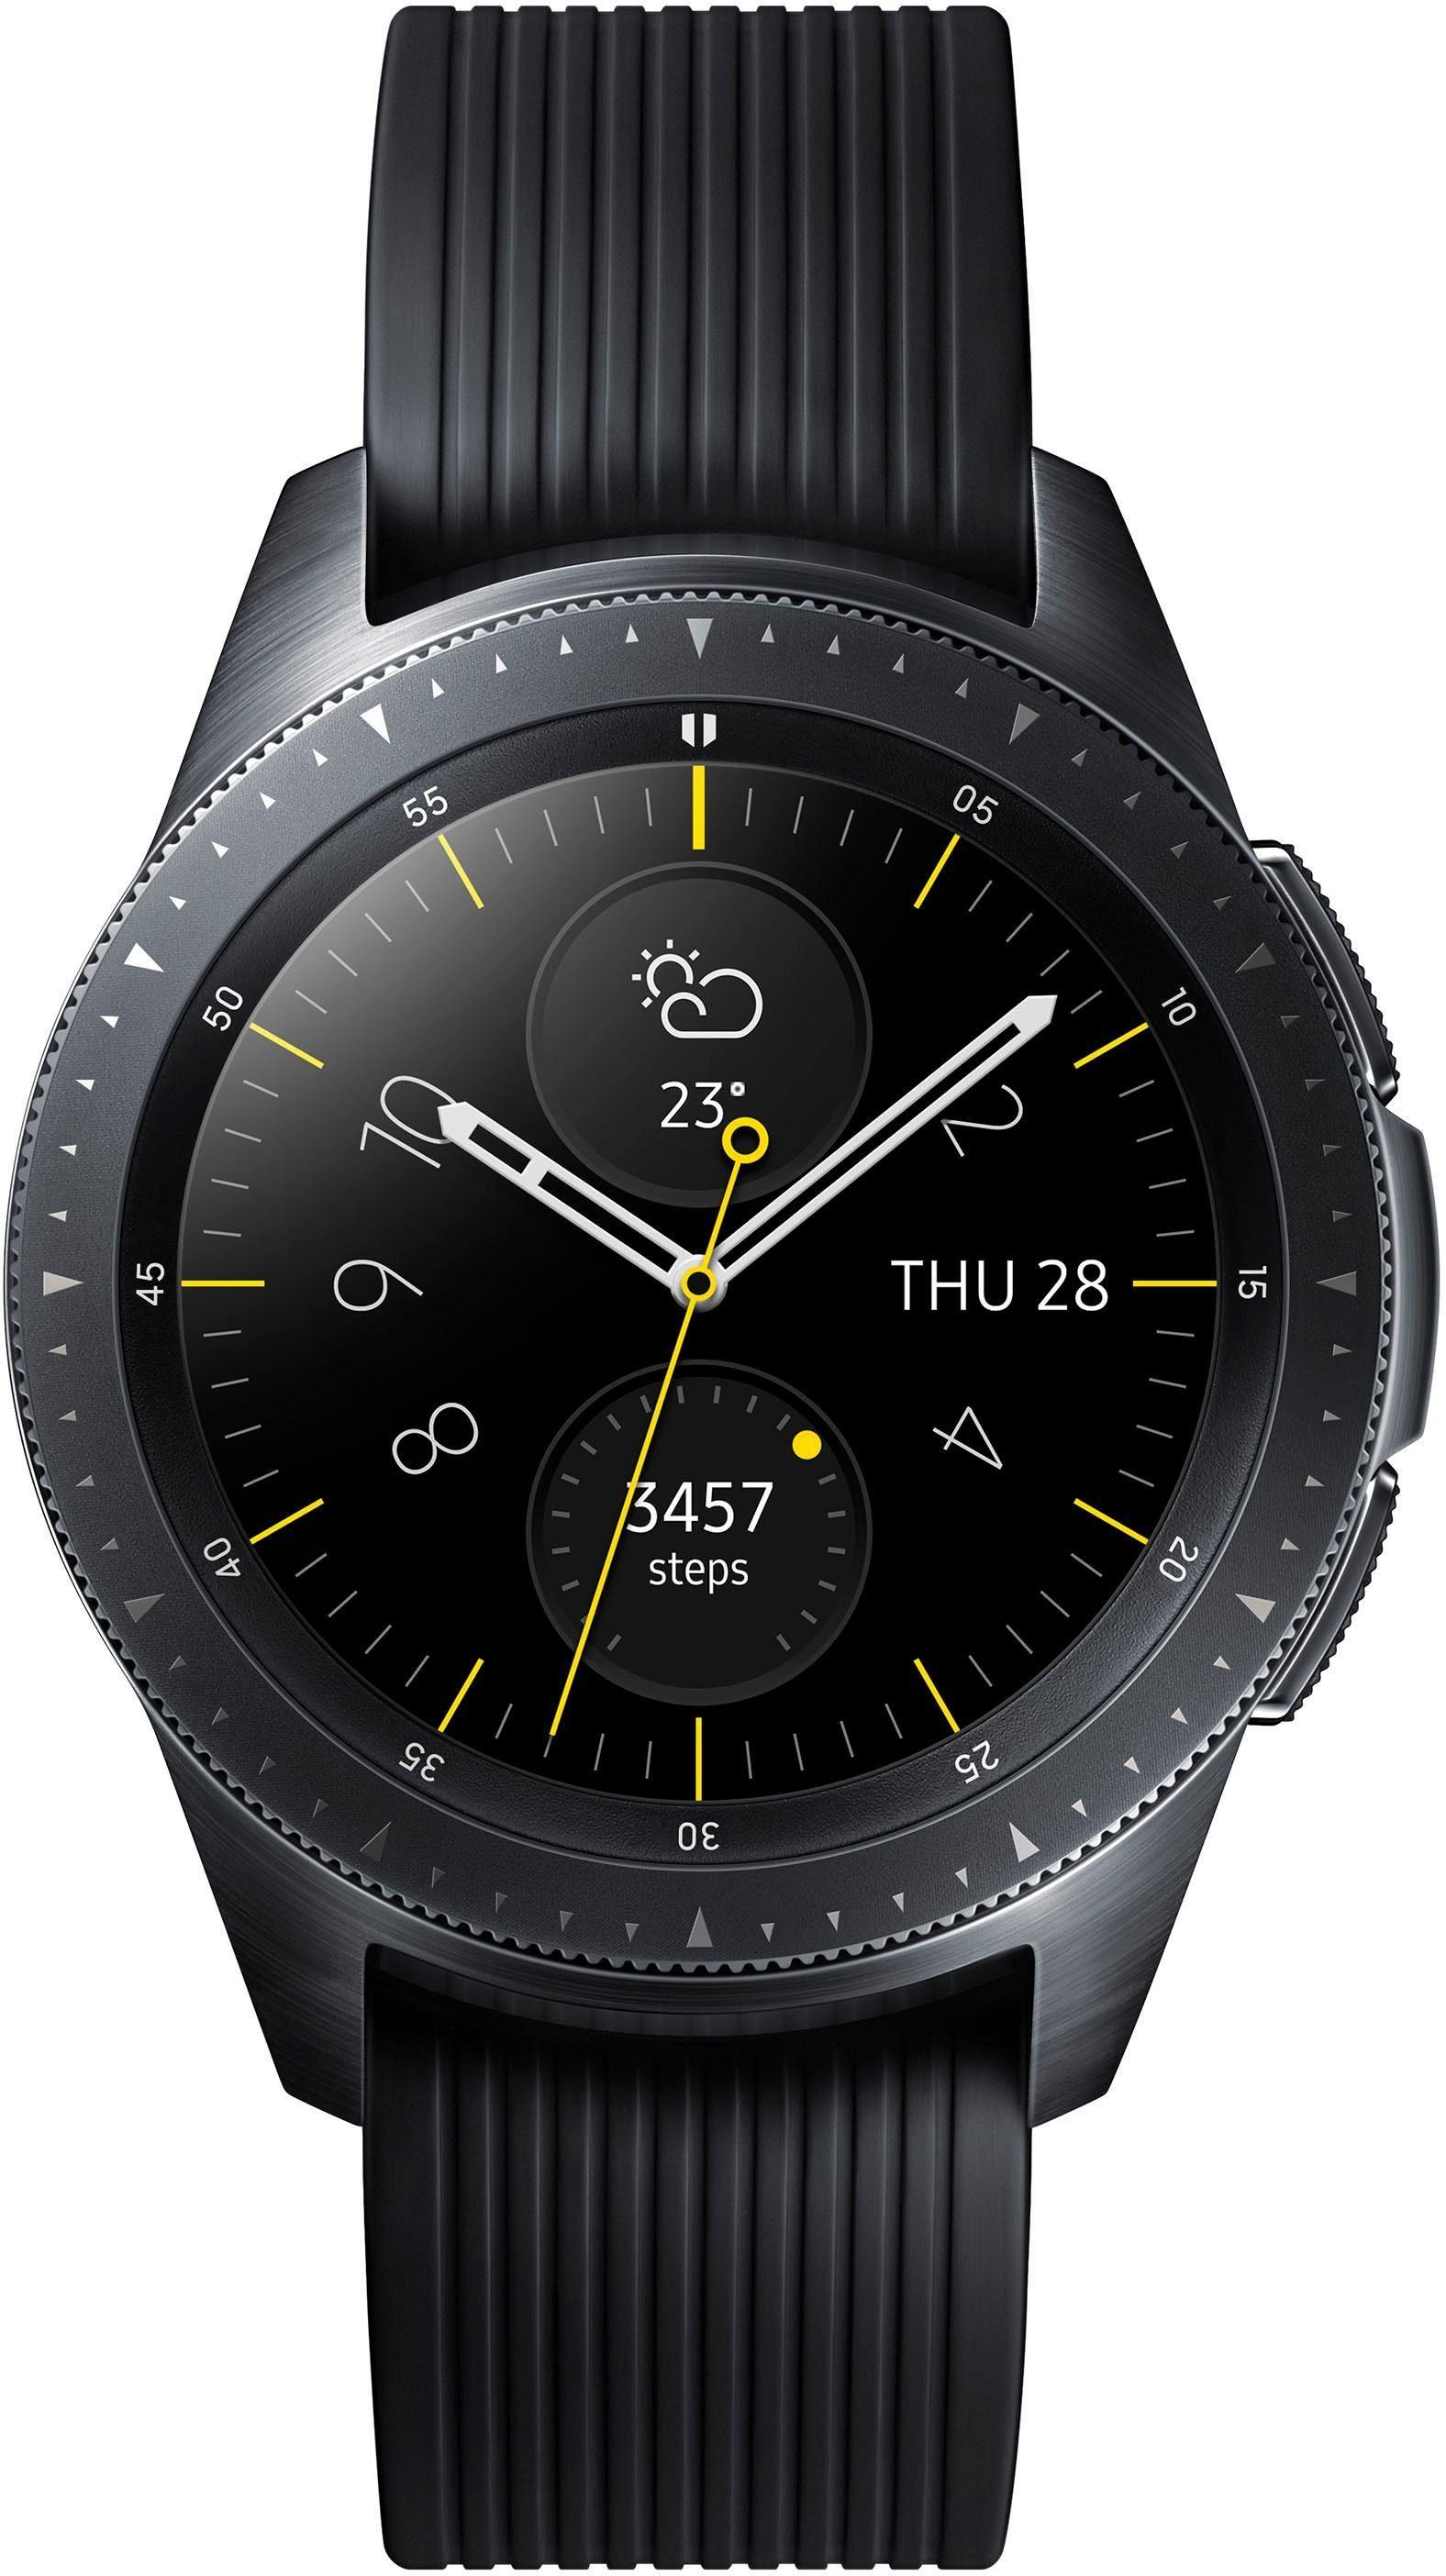 Samsung Galaxy Watch 42 mm LTE (Telekom) Smartwatch (3,02 cm1,2 Zoll, Tizen OS) online kaufen | OTTO